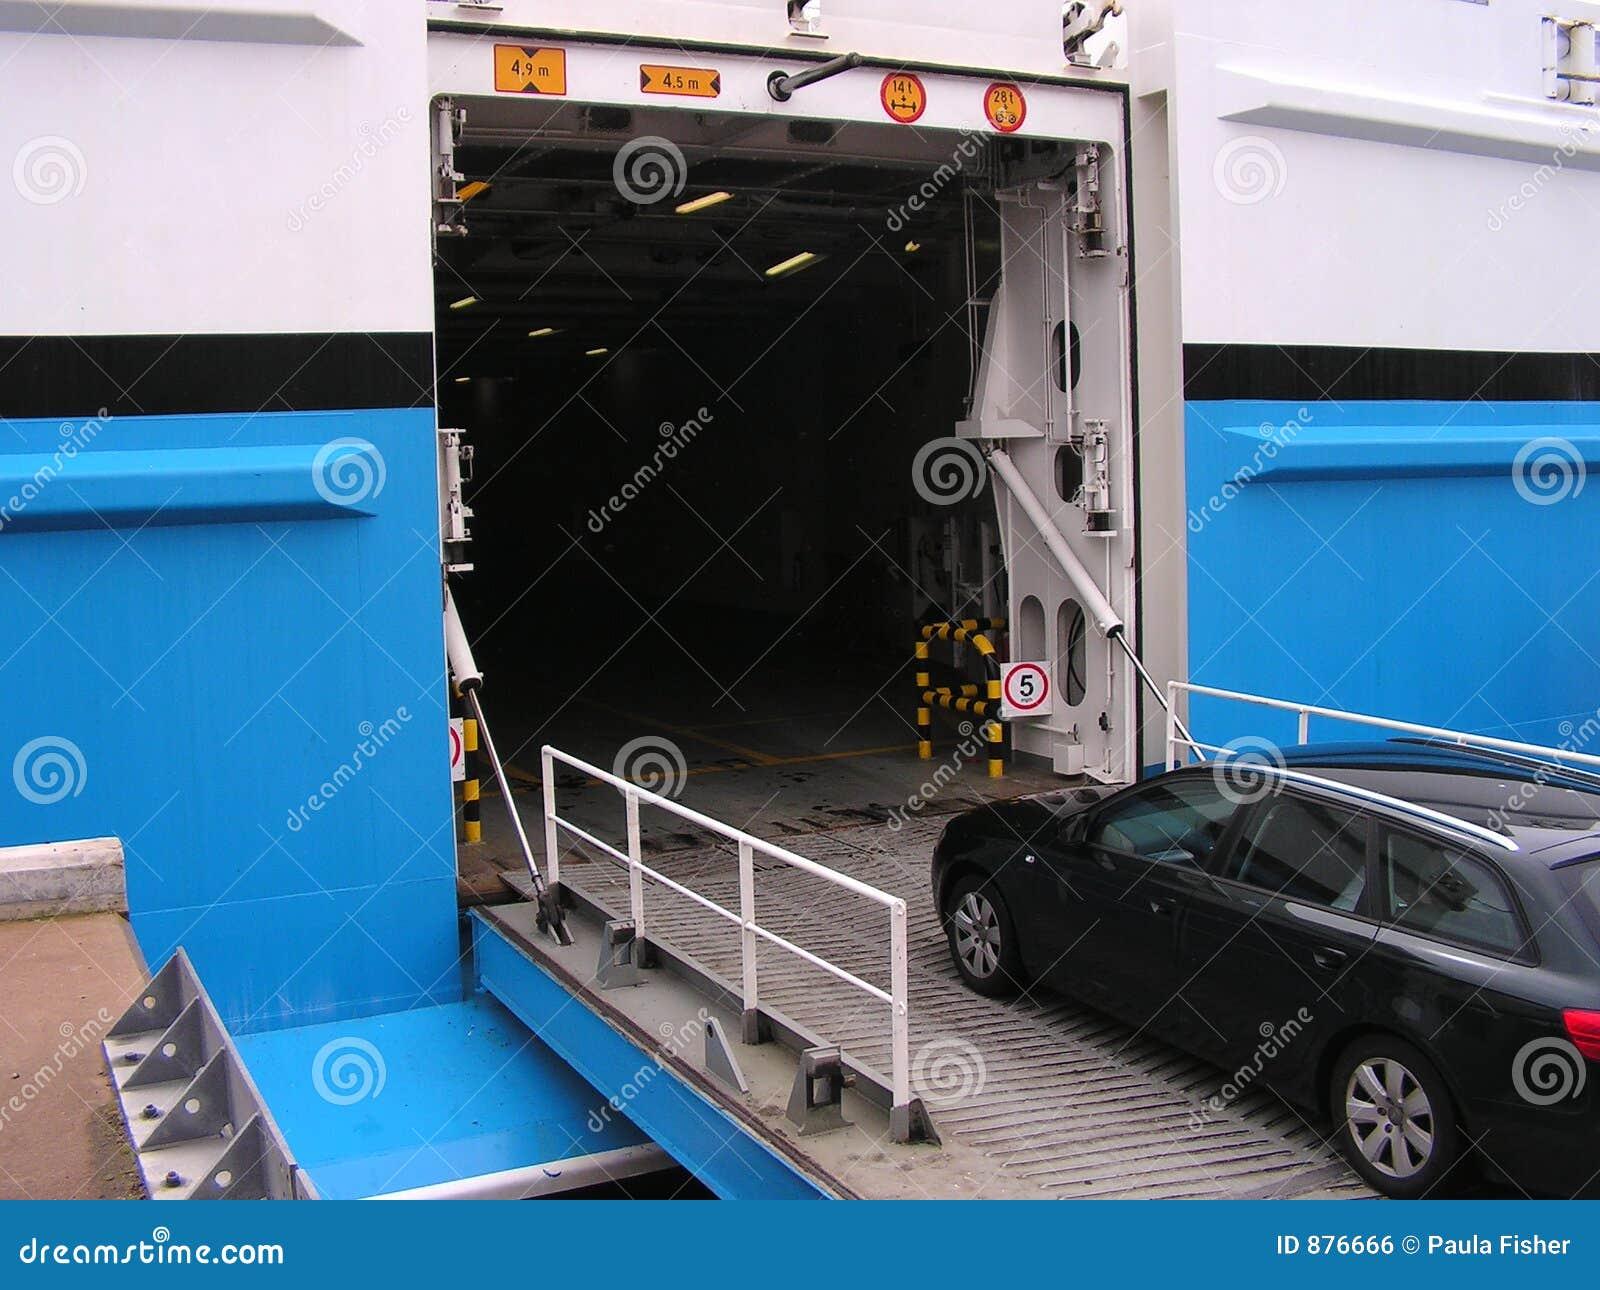 Car Entering Ferry.